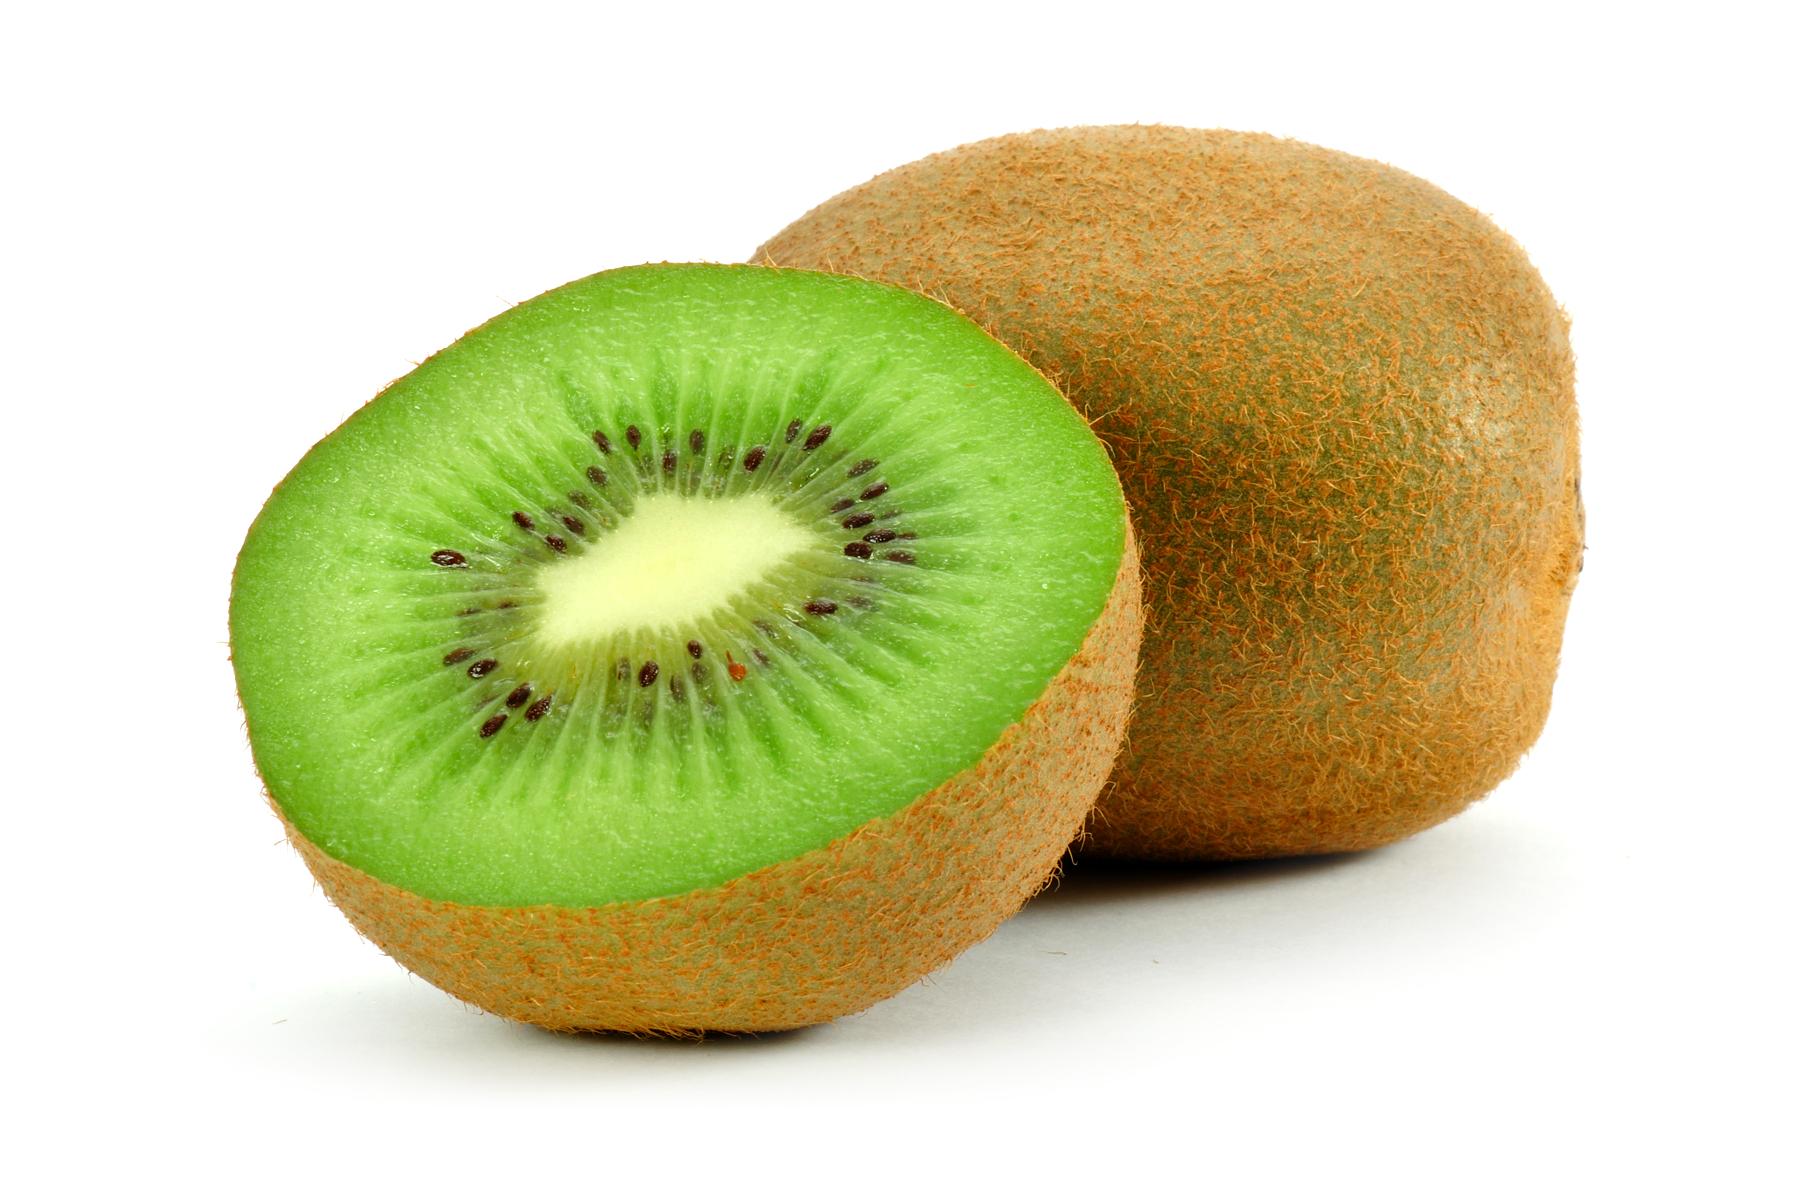 میوههایی که هر یک به تنهایی وعده غذایی کاملی هستند+خواص درمانی فوق العاده